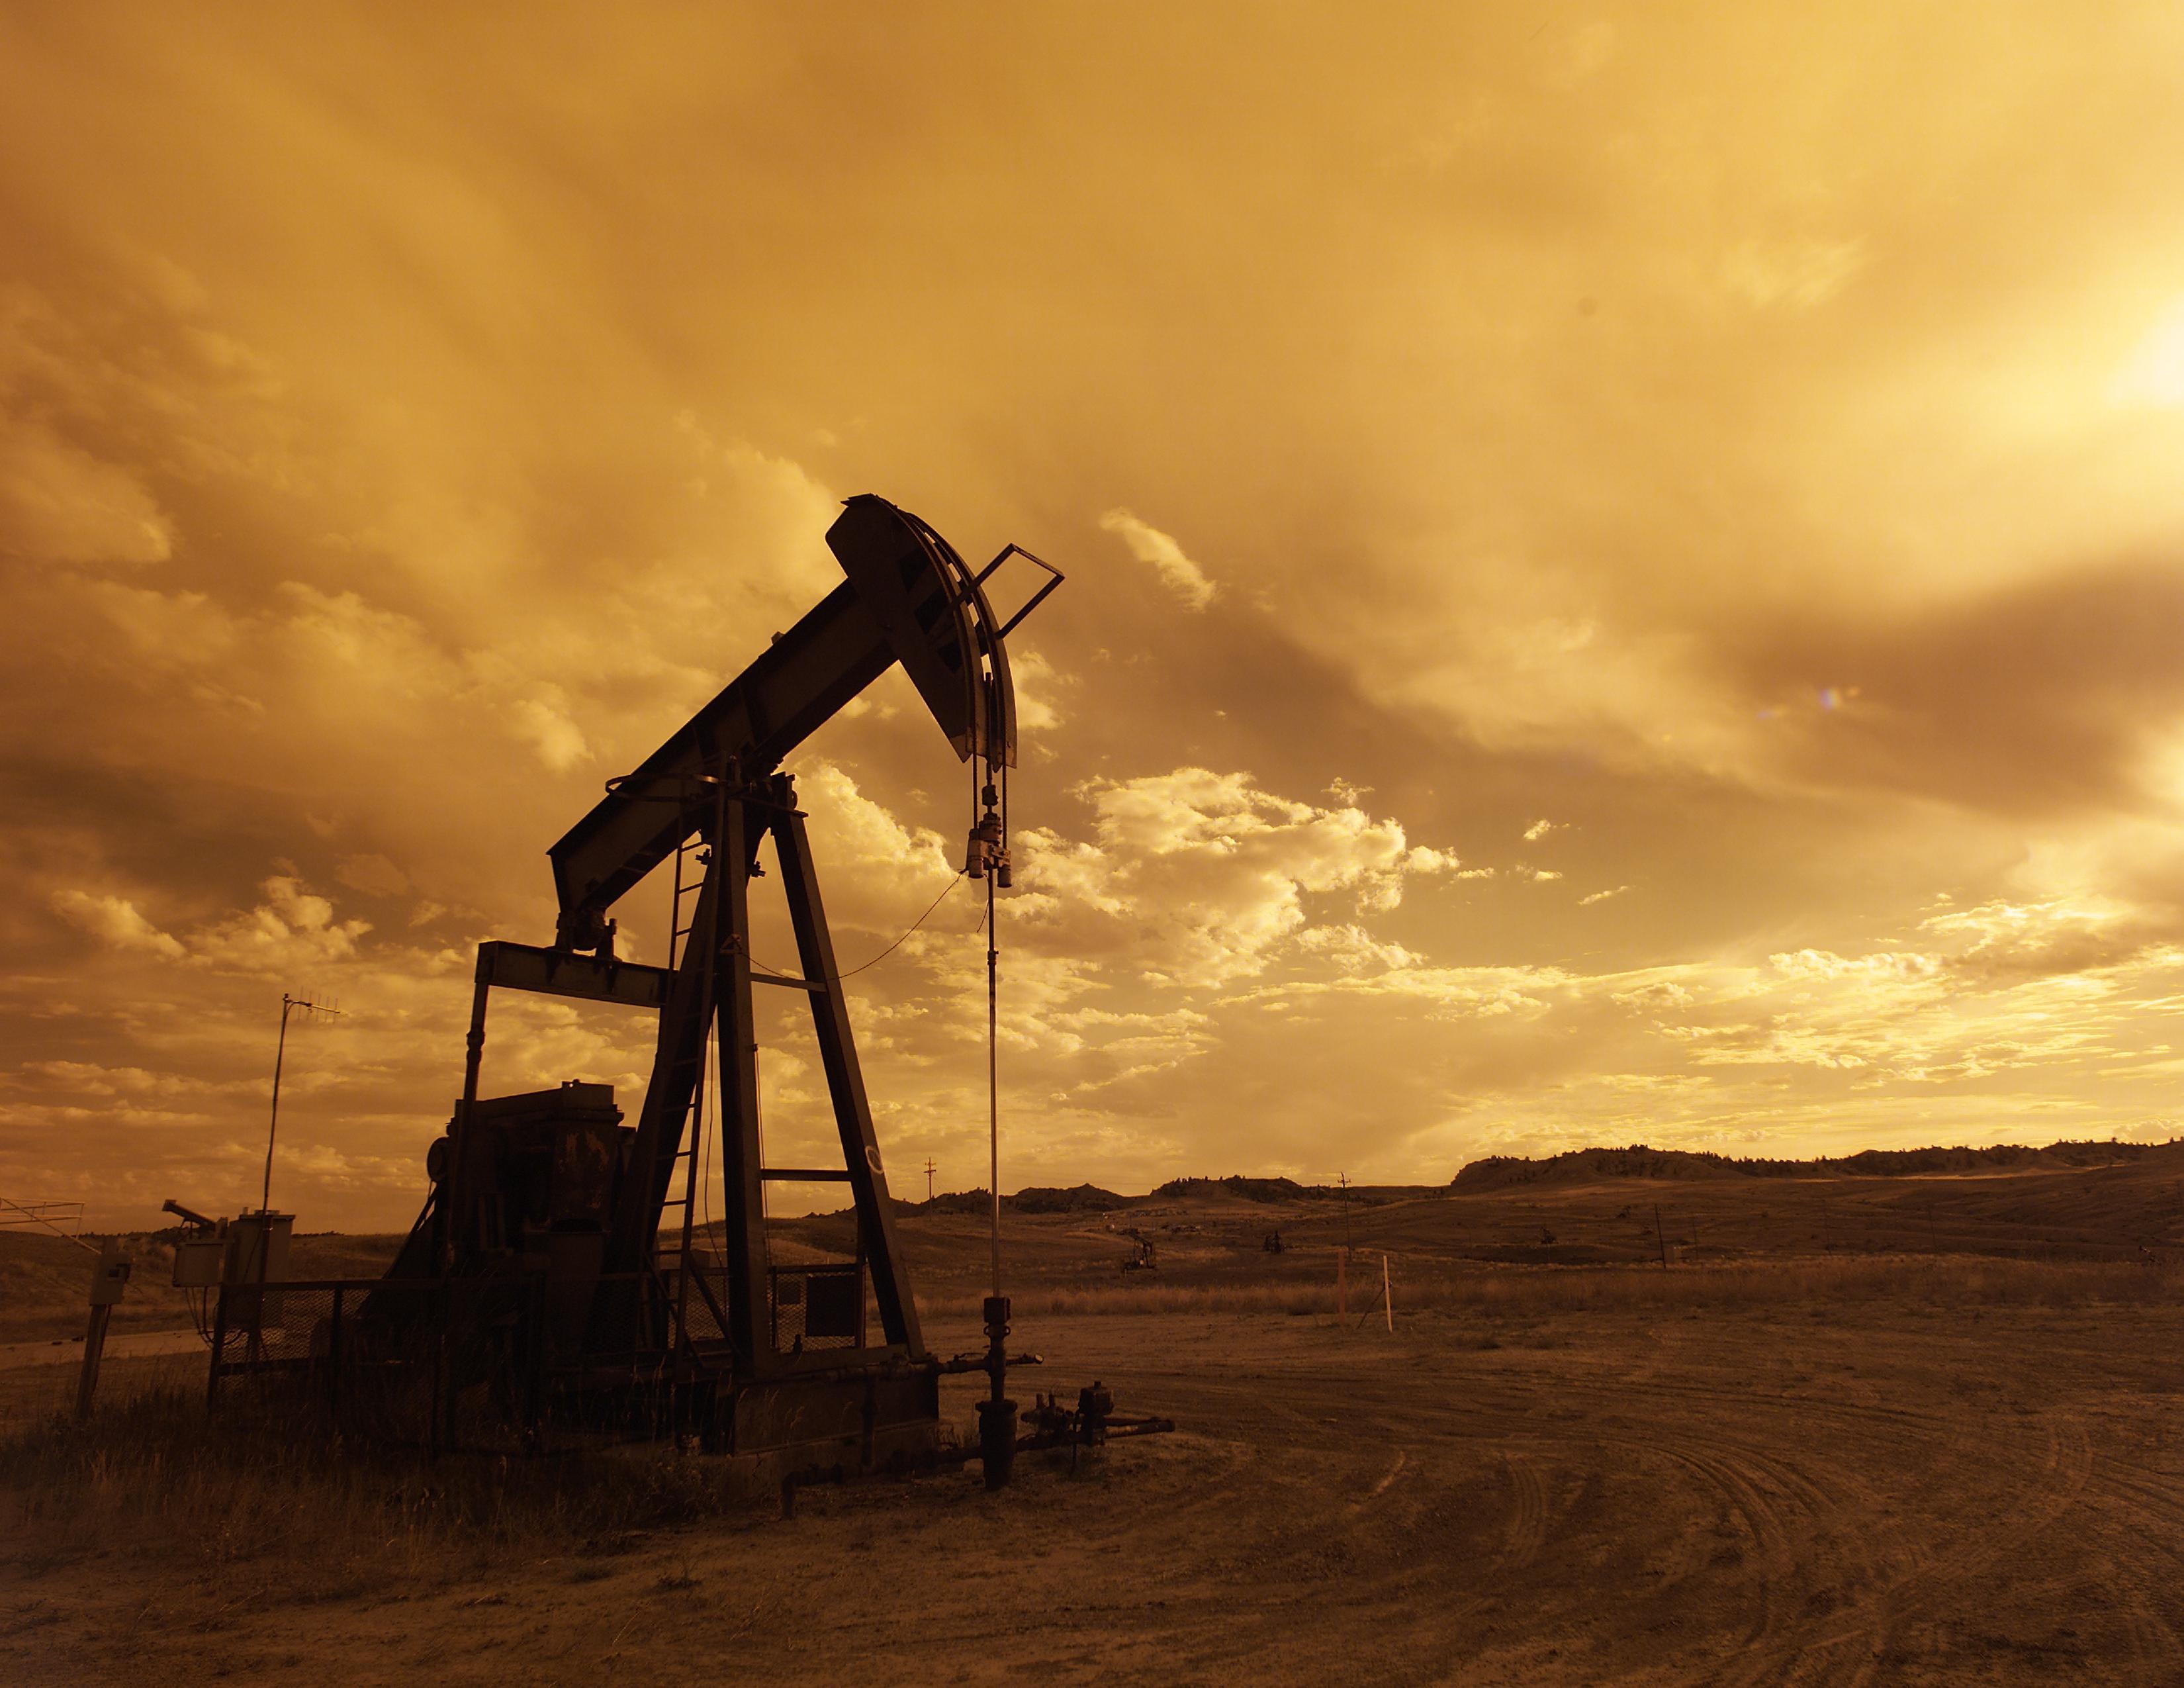 Azərbaycan nefti 1 dollara qədər ucuzlaşıb